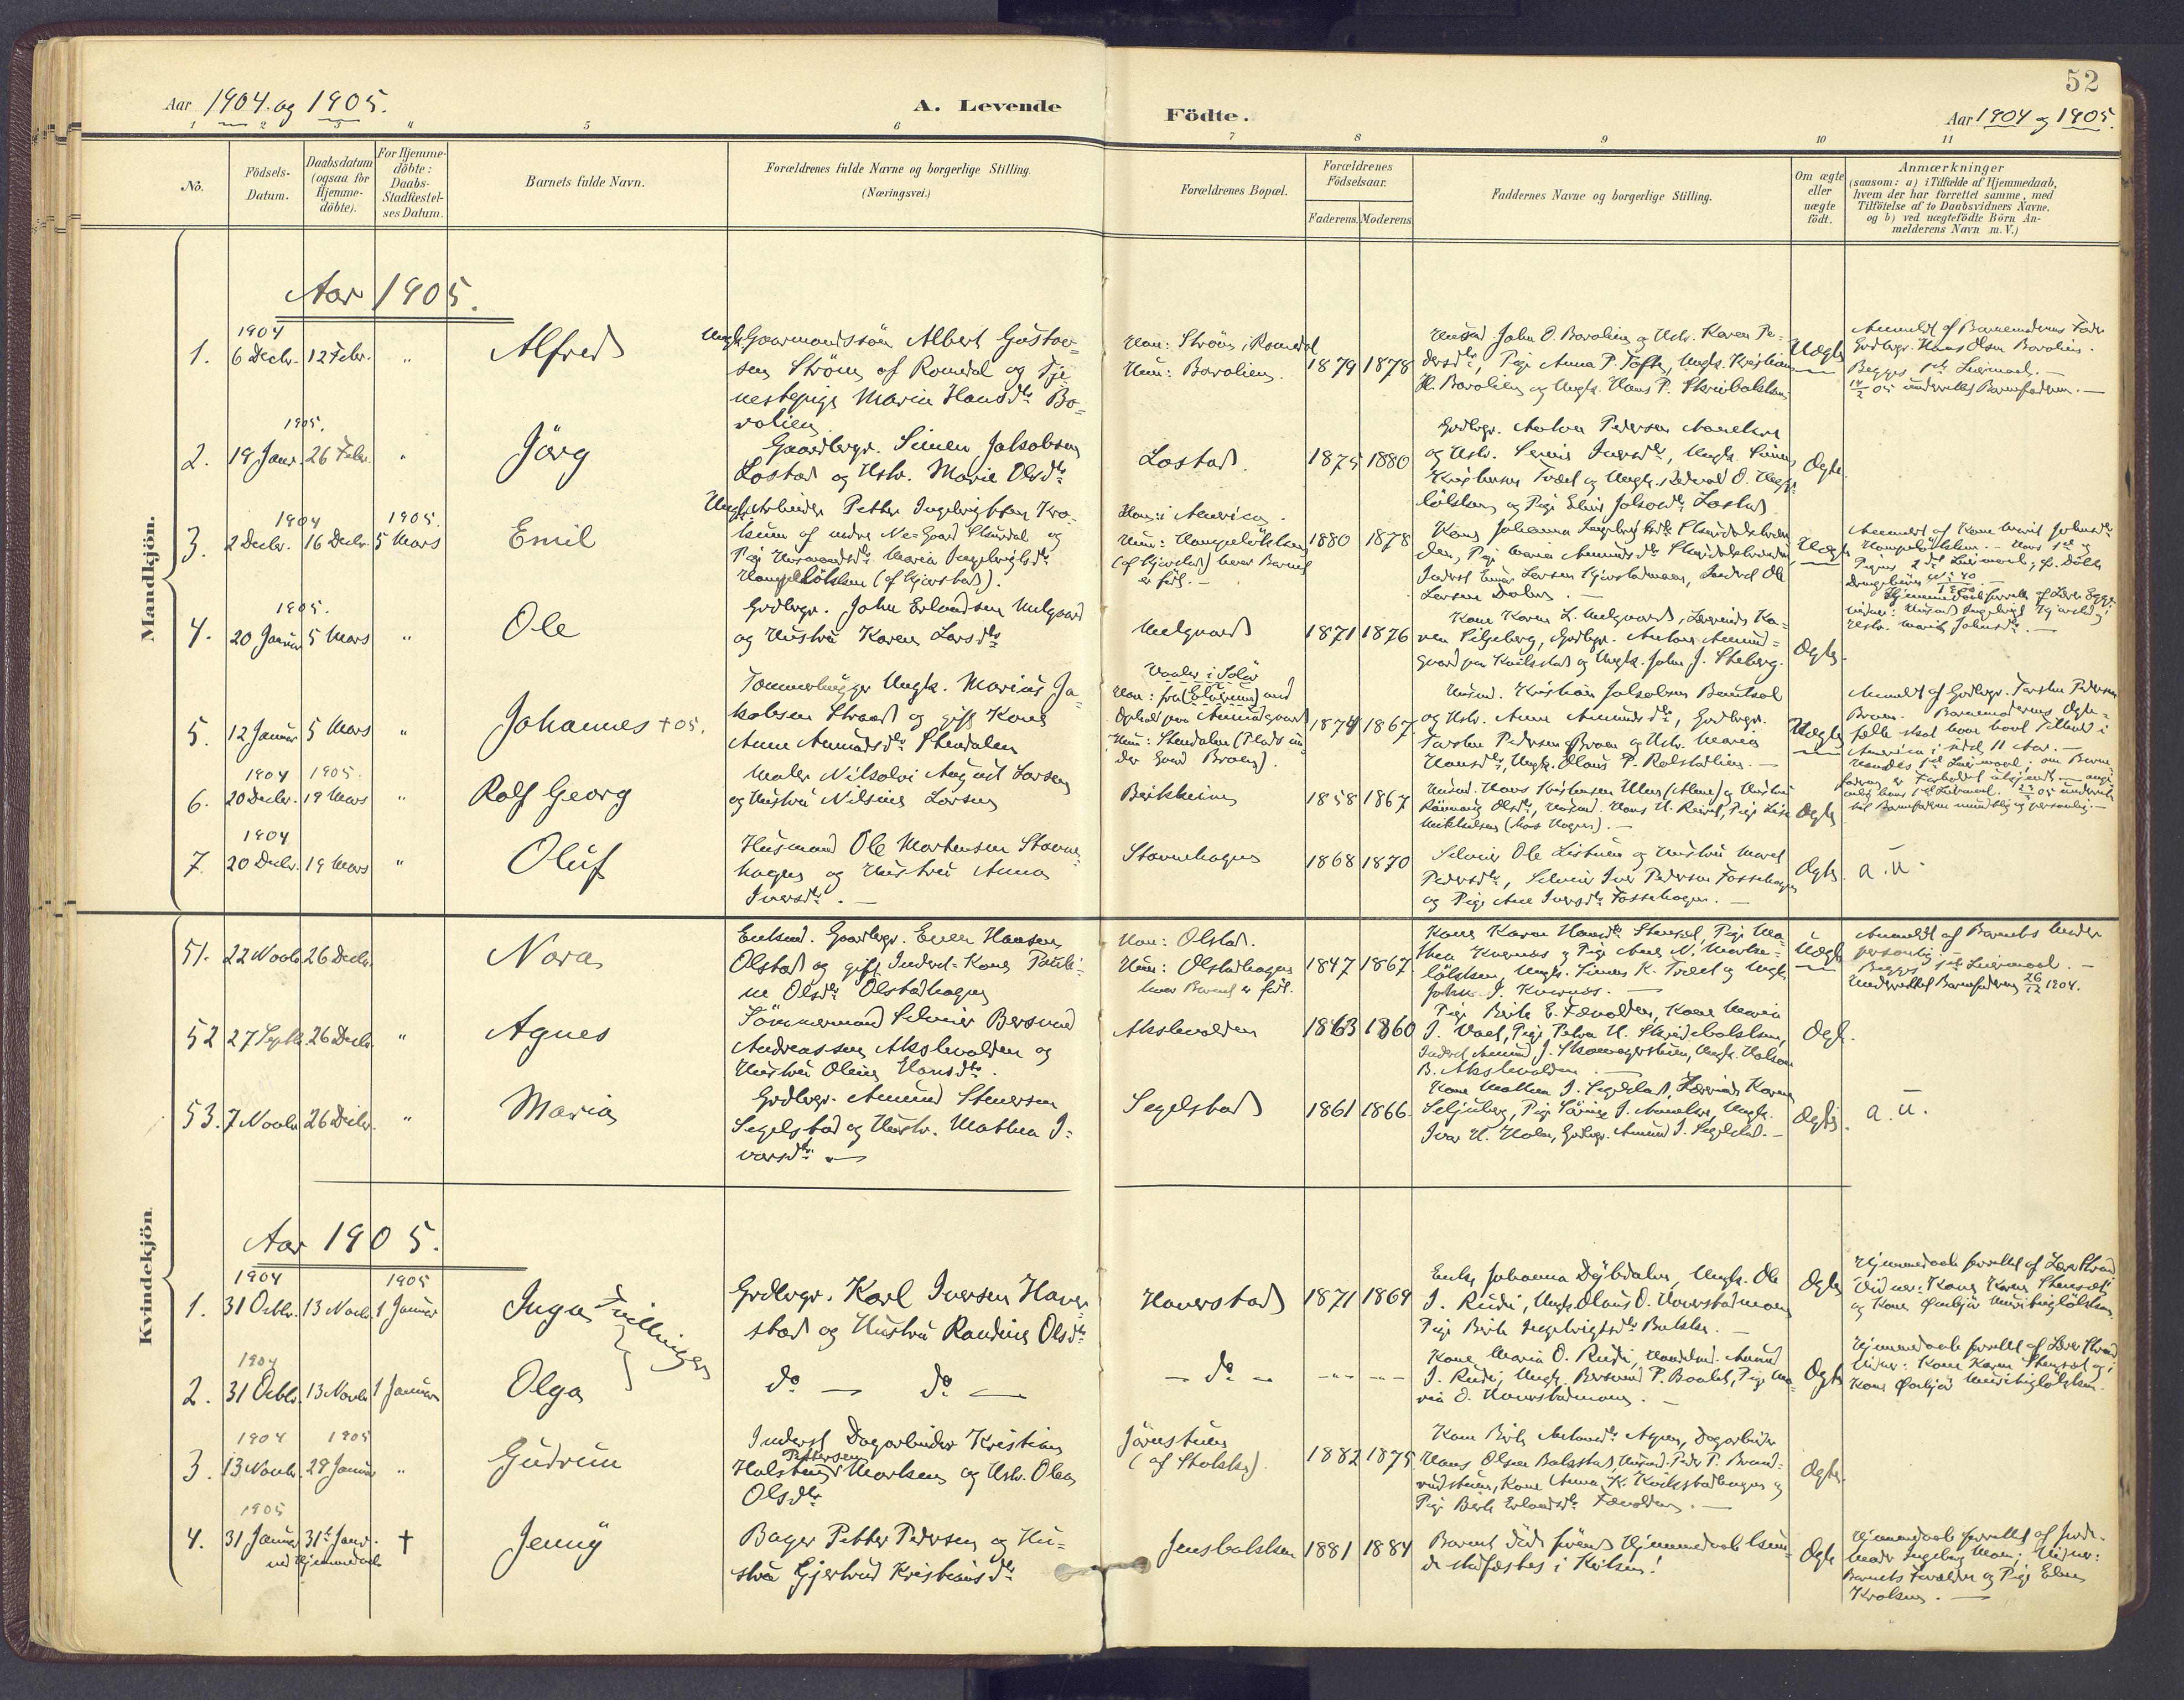 SAH, Sør-Fron prestekontor, H/Ha/Haa/L0004: Ministerialbok nr. 4, 1898-1919, s. 52